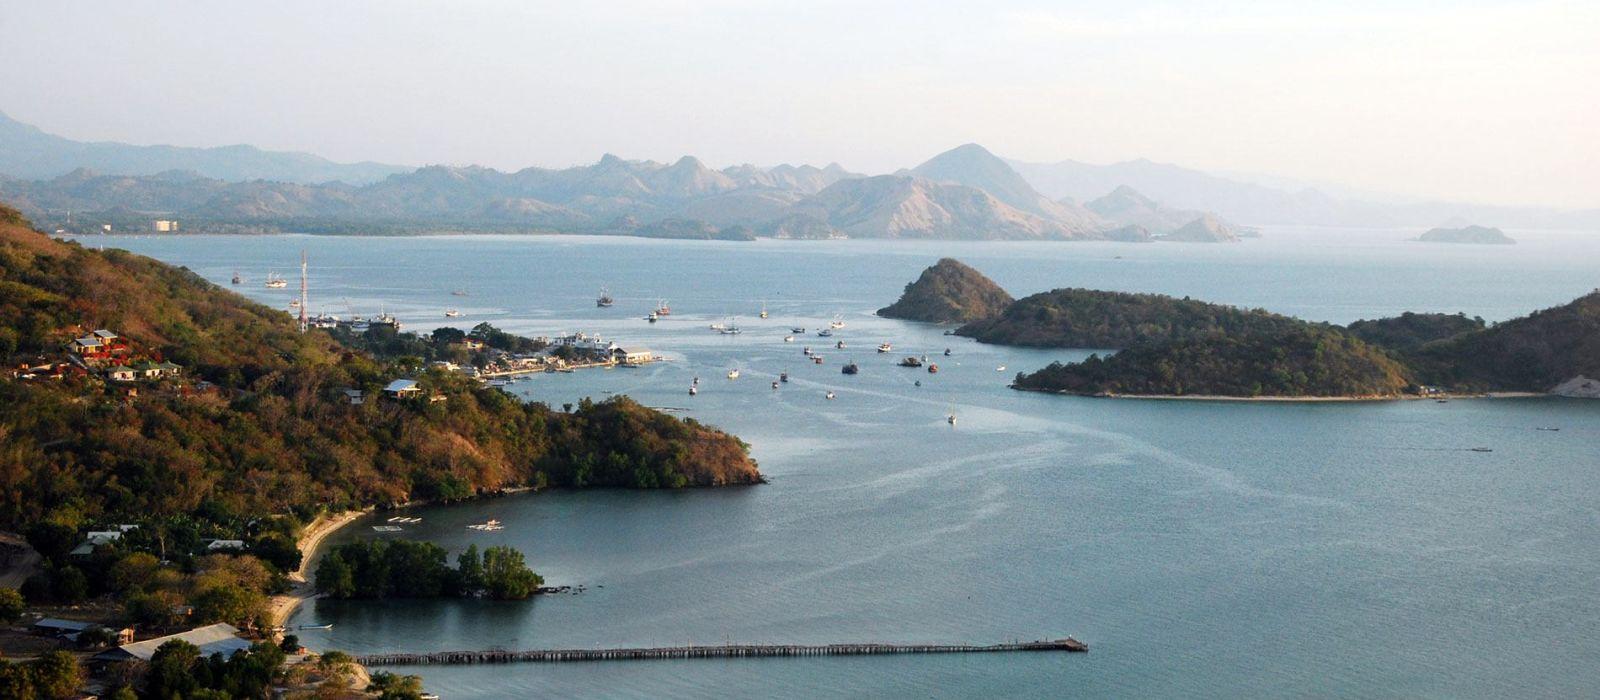 Destination Labuan Bajo Indonesia